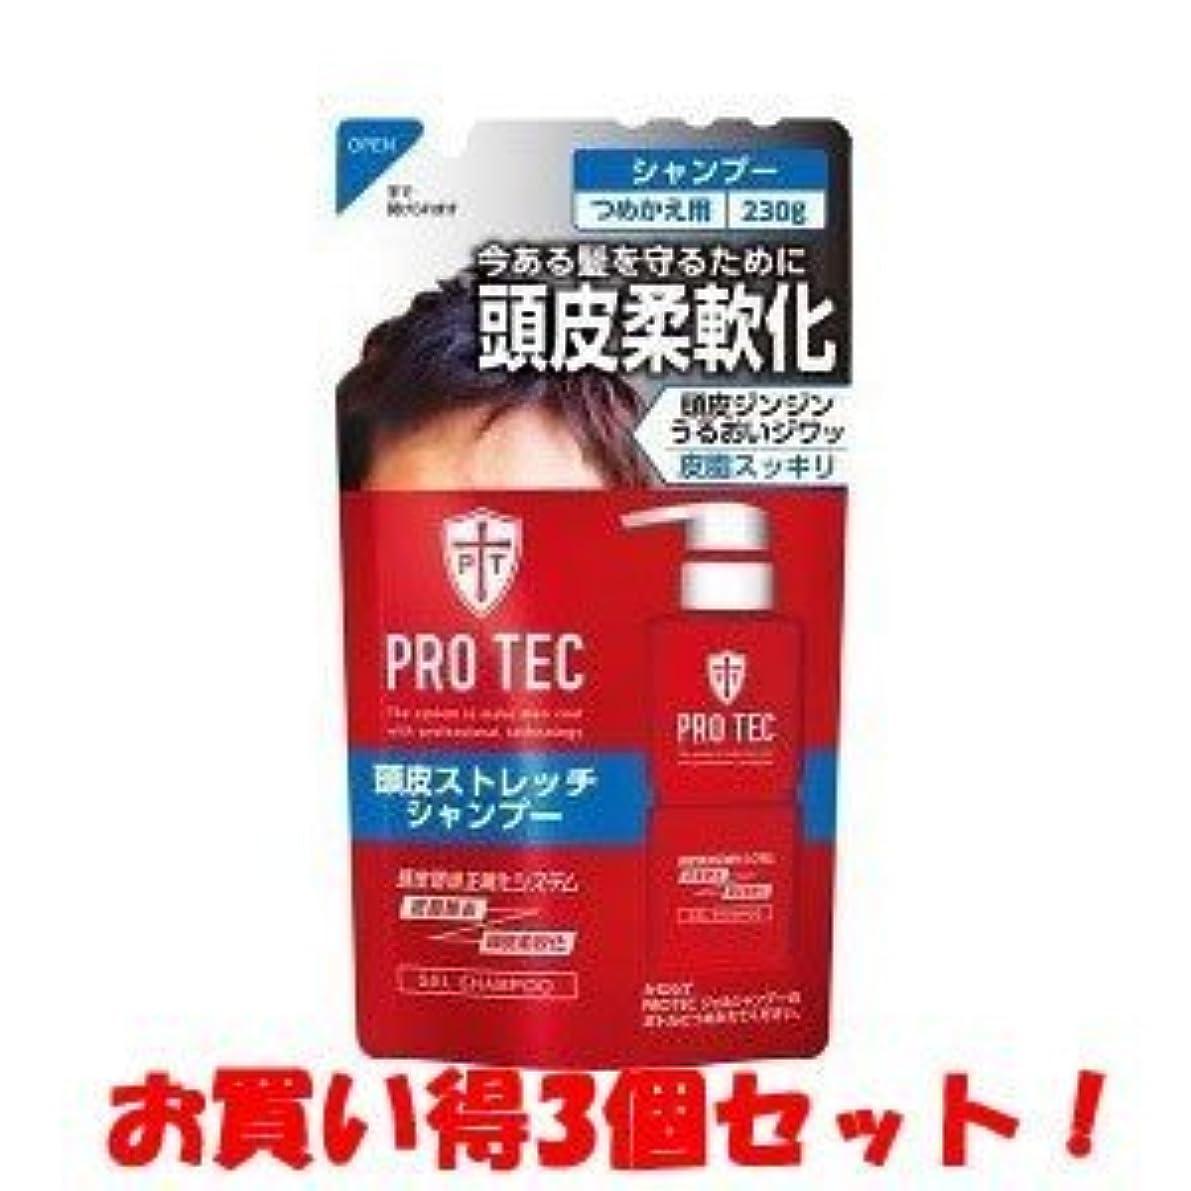 ドラッグジュニア疼痛(ライオン)PRO TEC(プロテク) 頭皮ストレッチ シャンプー つめかえ用 230g(医薬部外品)(お買い得3個セット)